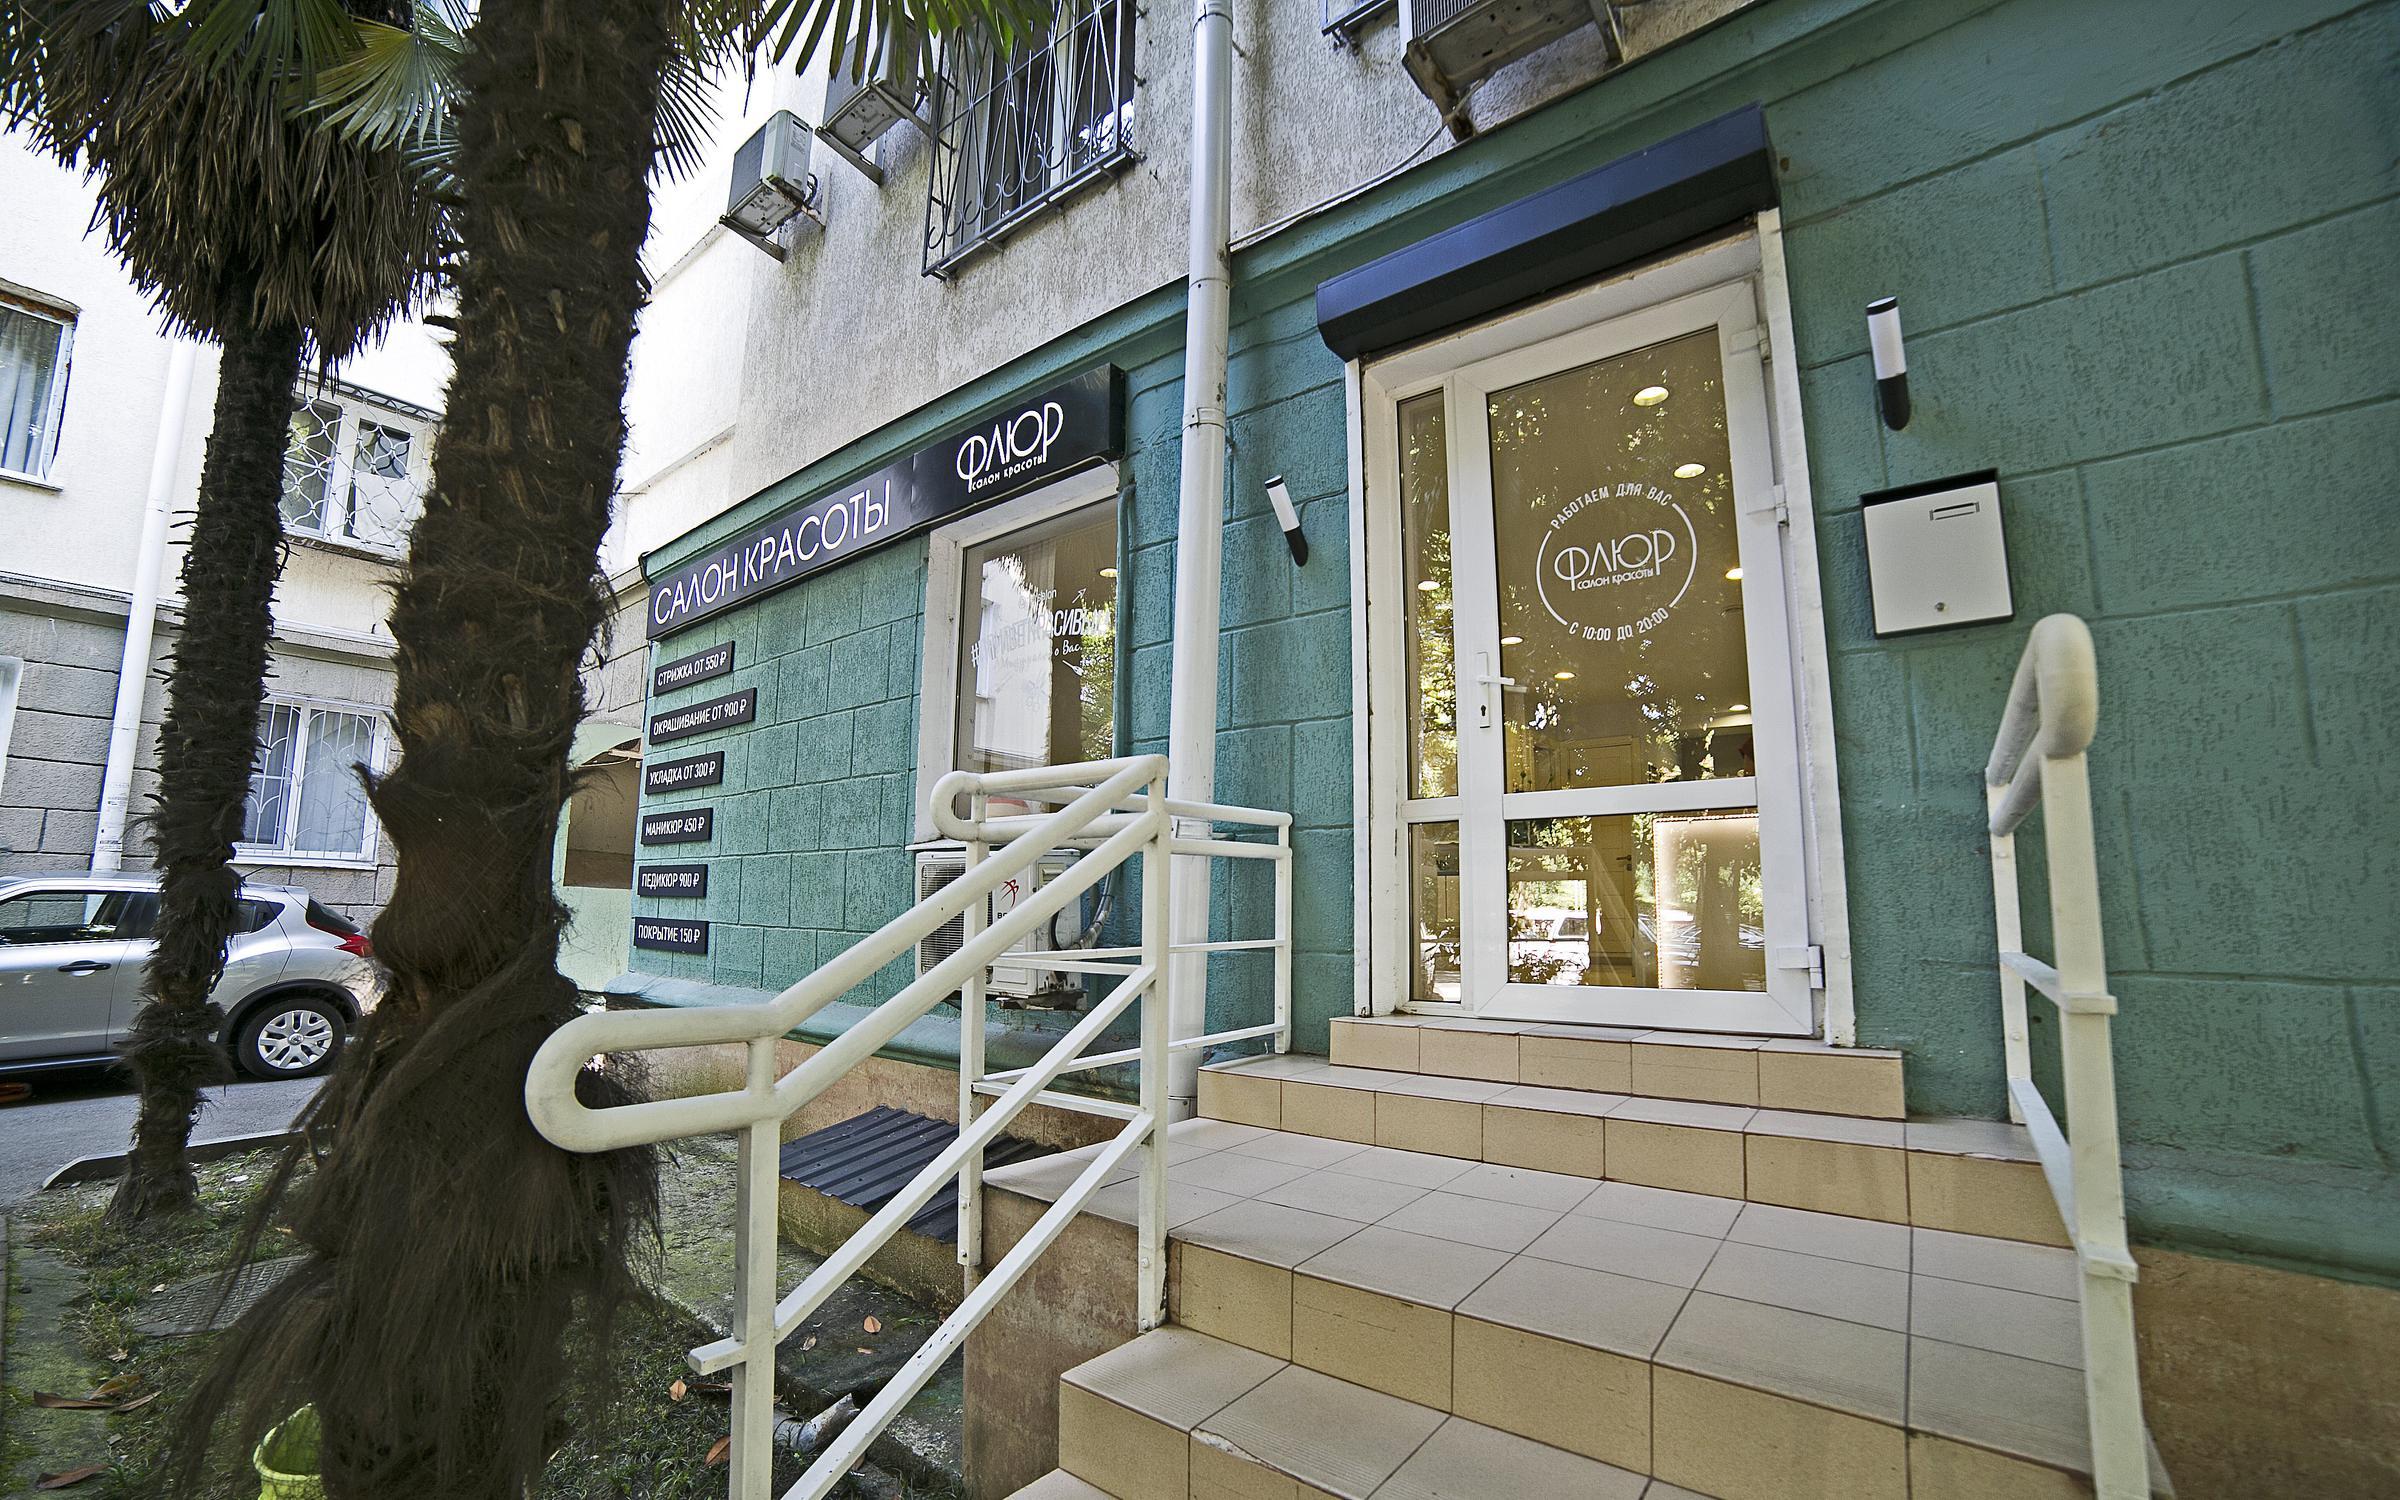 фотография Салона красоты ФЛЮР на Парковой улице